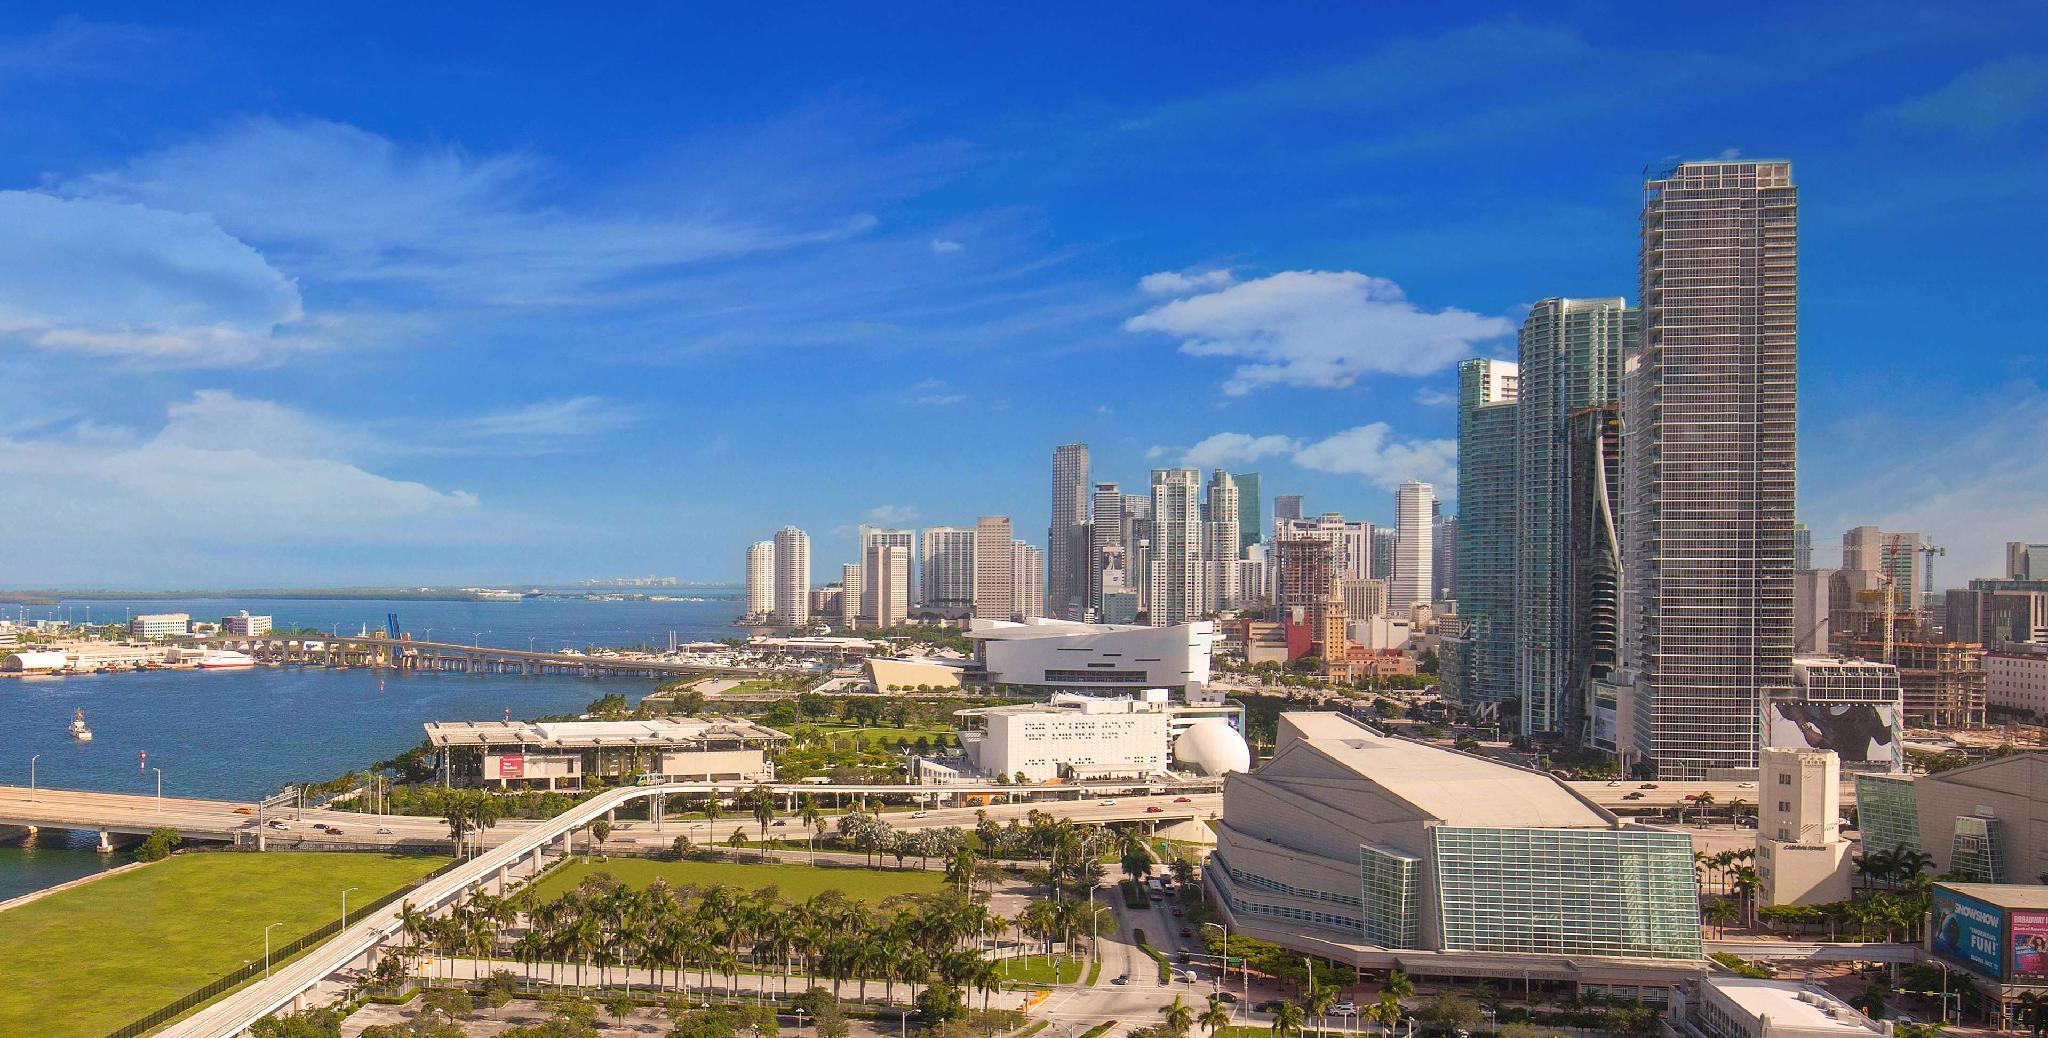 Hilton Miami Downtown Hotel